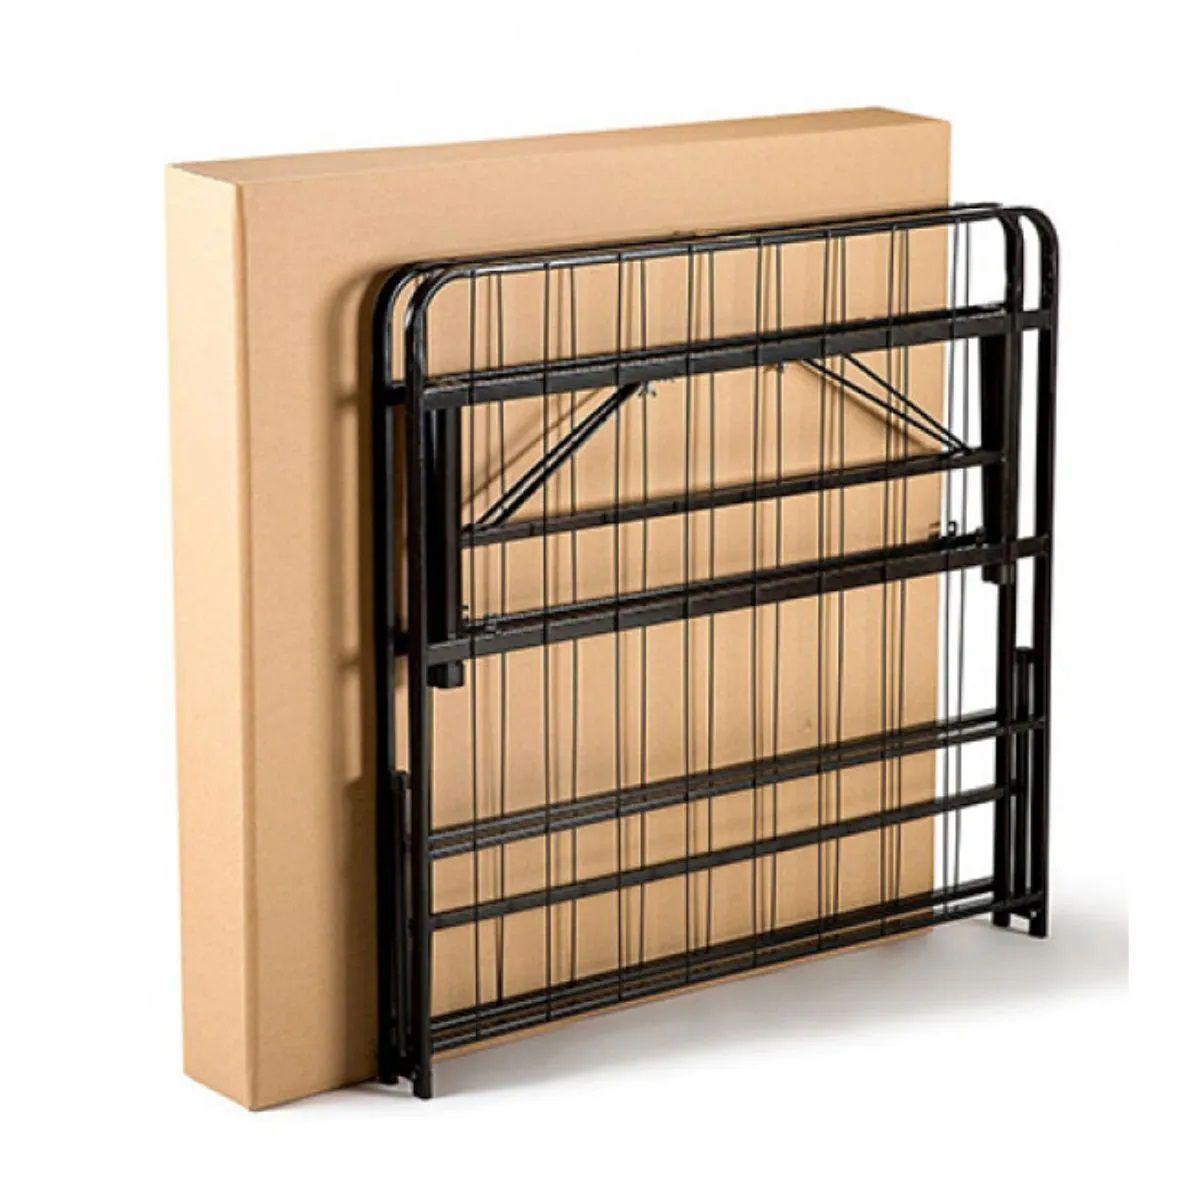 Cama Base Easyboxx Casal Resistente Preto Até 450kg Hashigo - EASYBOXX CASAL